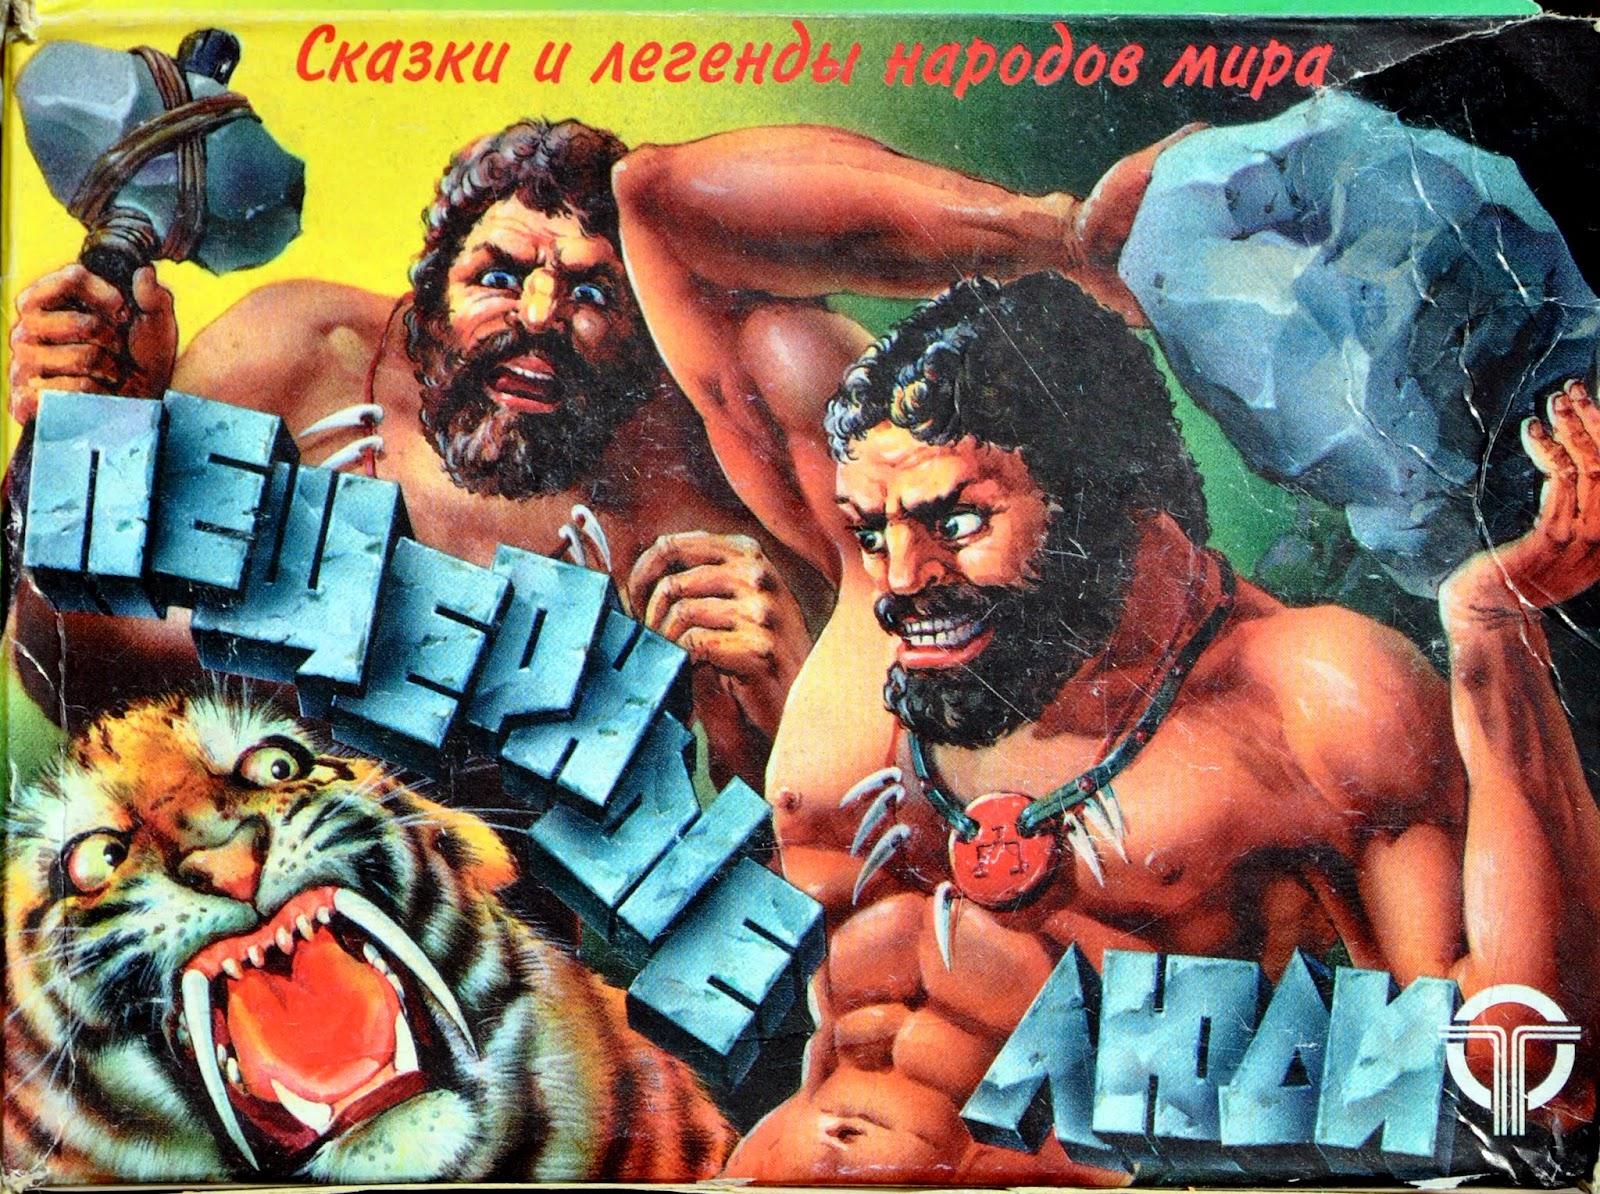 Расказы о мифах, Мифы древней греции 23 фотография